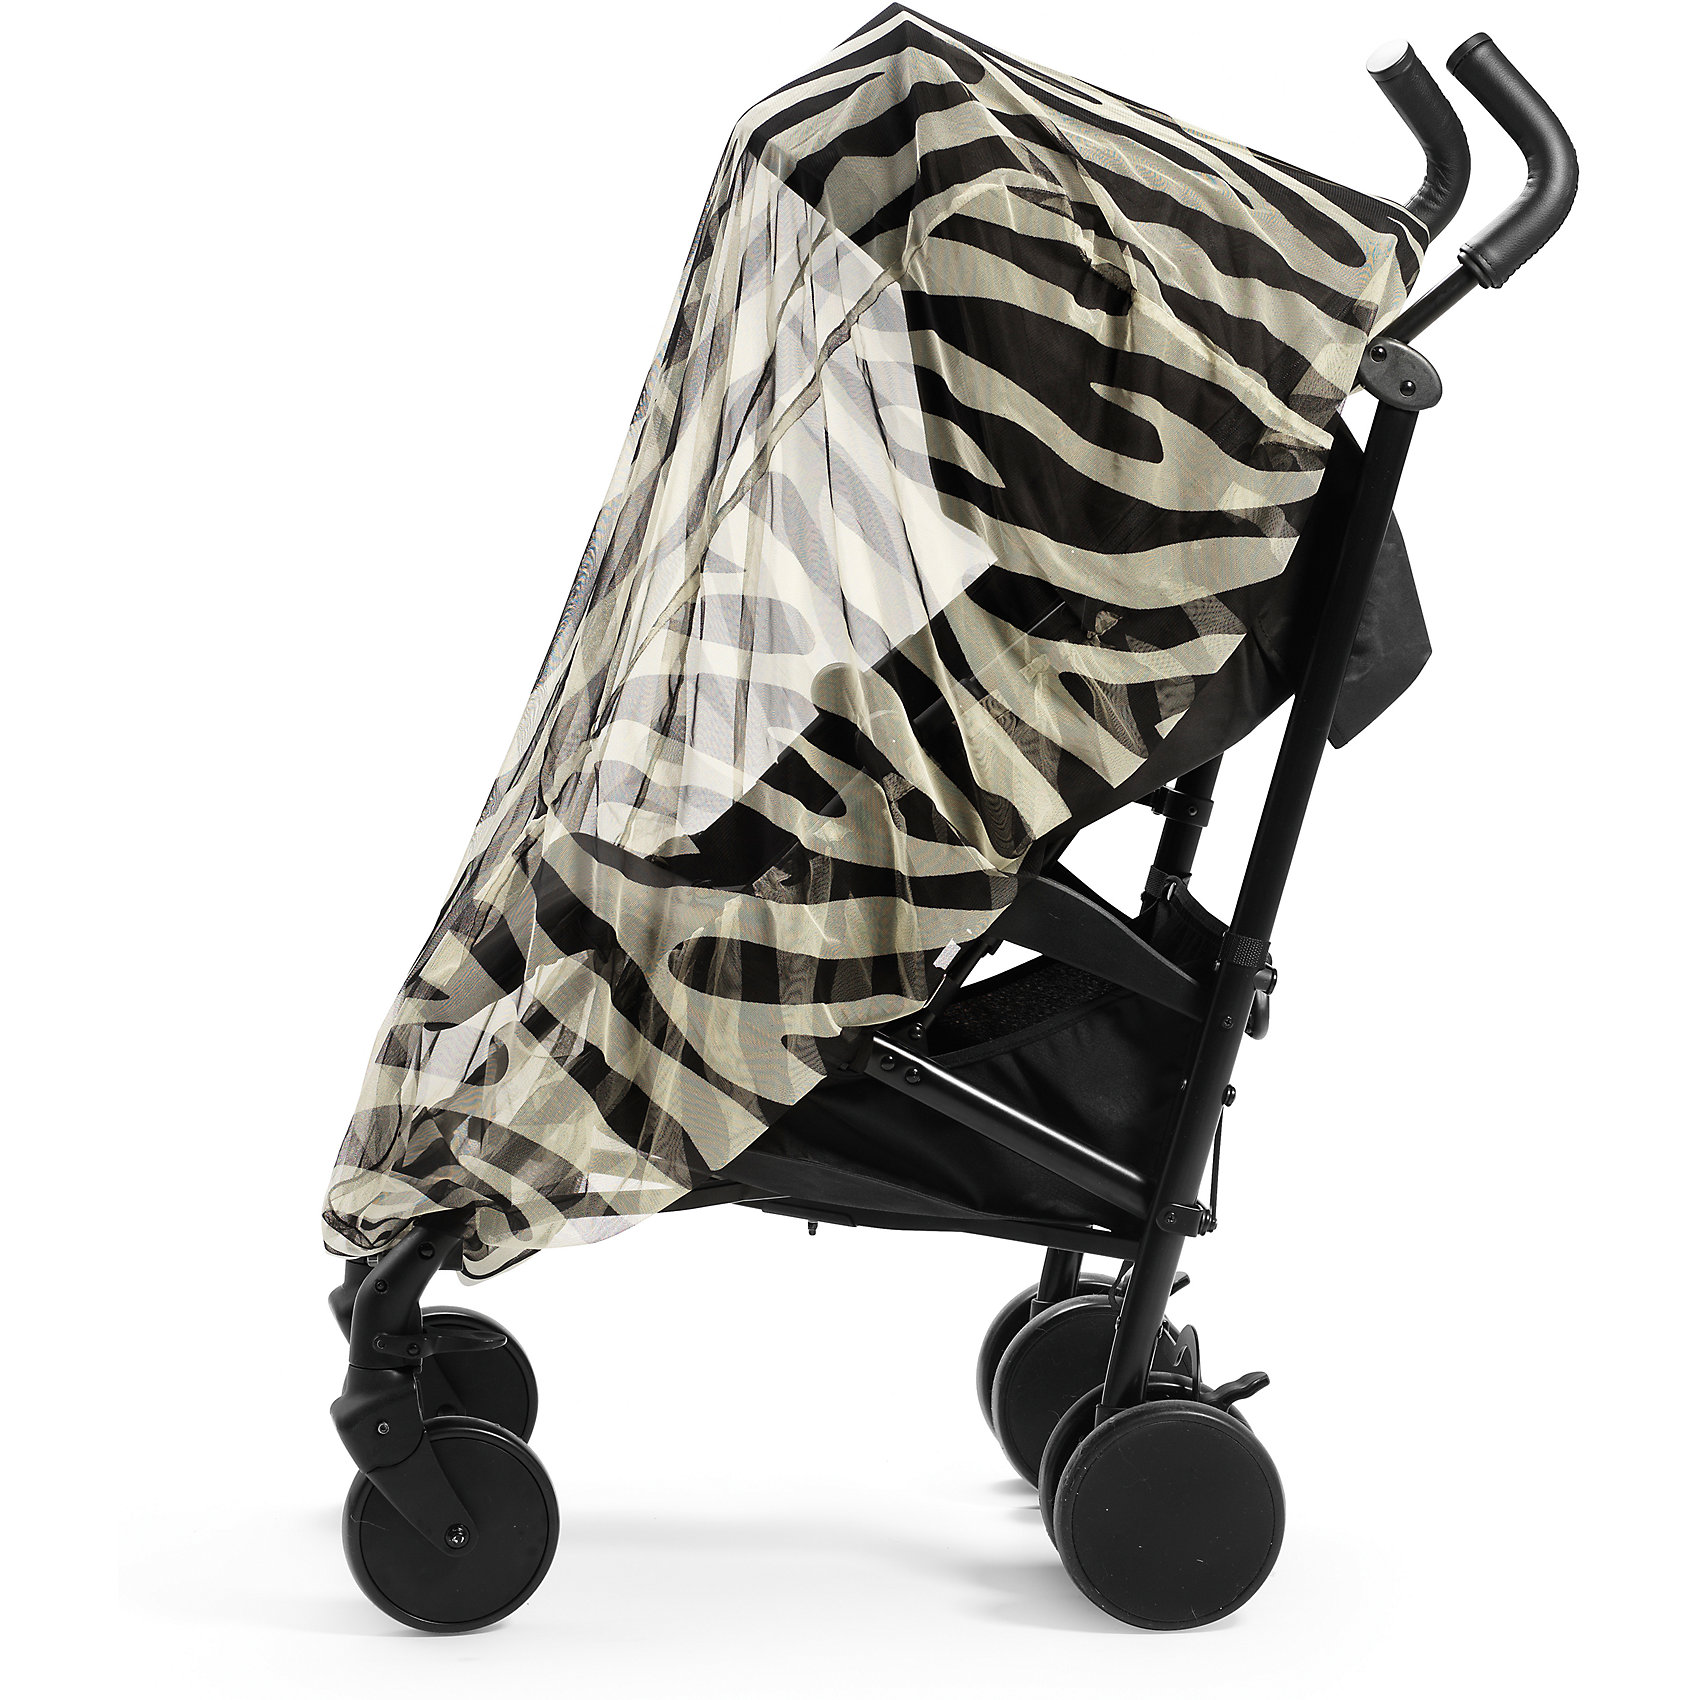 Москитная сетка для коляски цвет Zebra Sunshine, Elodie DetailsАксессуары для колясок<br>LODIE DETAILS москитная сетка для коляски;  Москитная сетка Elodie Details;для коляски защитит малыша от насекомых в весенний и летний период. Сетка легко фиксируется с помощью резинки, легко складывается. Материал очень легкий, но прочный. Москитная сетка универсальна, подходит для любых прогулочных колясок. Аксессуары Elodie Details делают каждый день ярче, а также приносят комфорт и удобства!;<br><br>Ширина мм: 210<br>Глубина мм: 60<br>Высота мм: 260<br>Вес г: 240<br>Возраст от месяцев: 0<br>Возраст до месяцев: 48<br>Пол: Унисекс<br>Возраст: Детский<br>SKU: 5613568